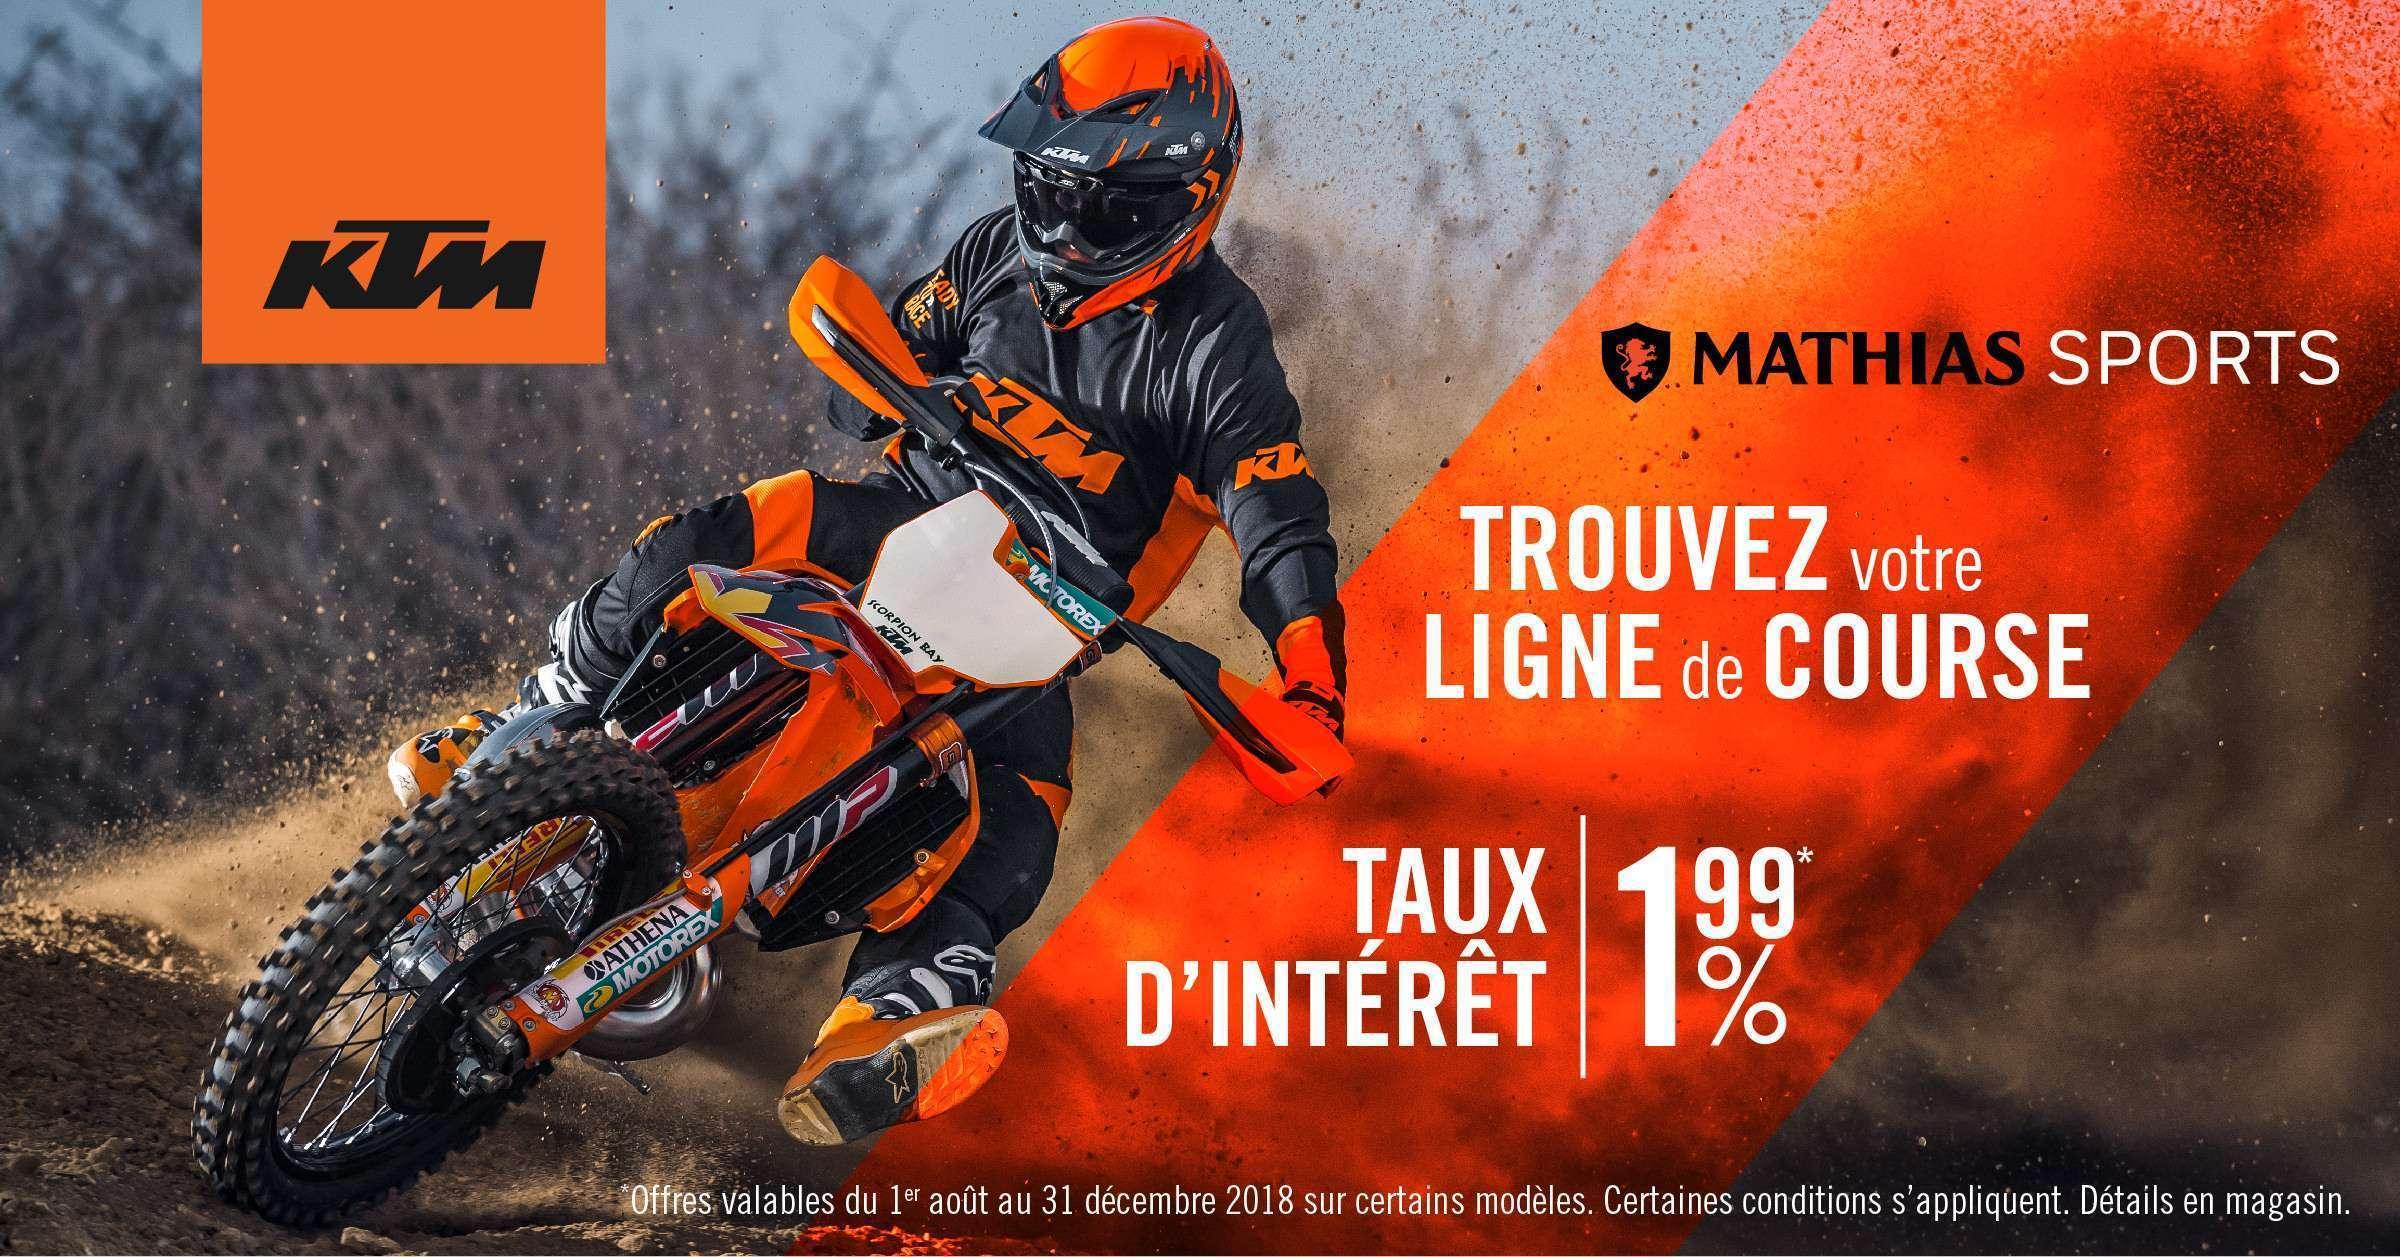 Trouvez votre ligne de course avec KTM!